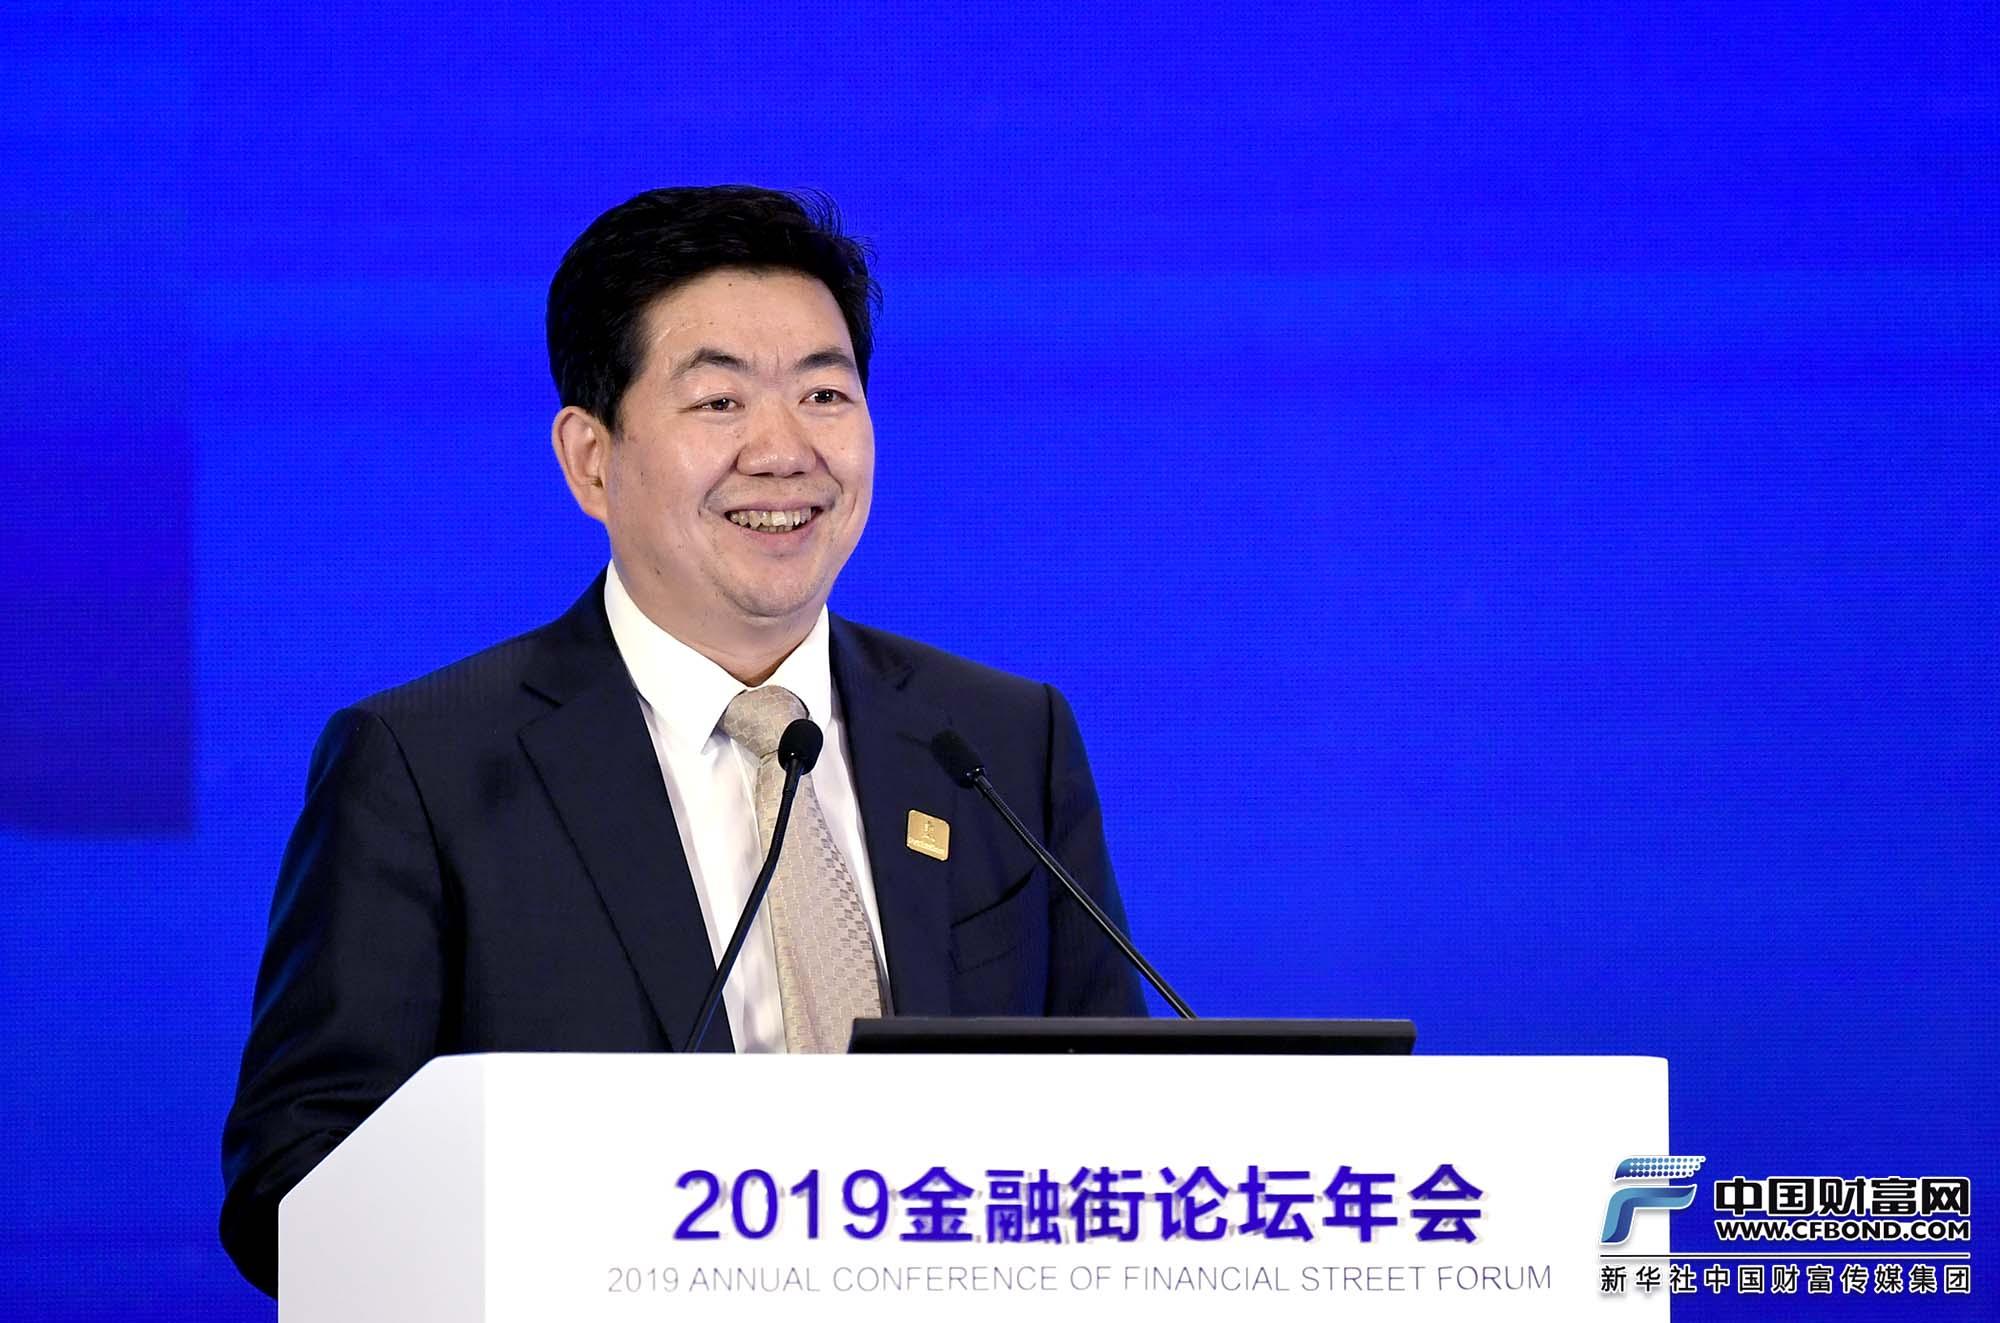 北京市西城区代区长、北京金融街服务局党组书记孙硕致辞